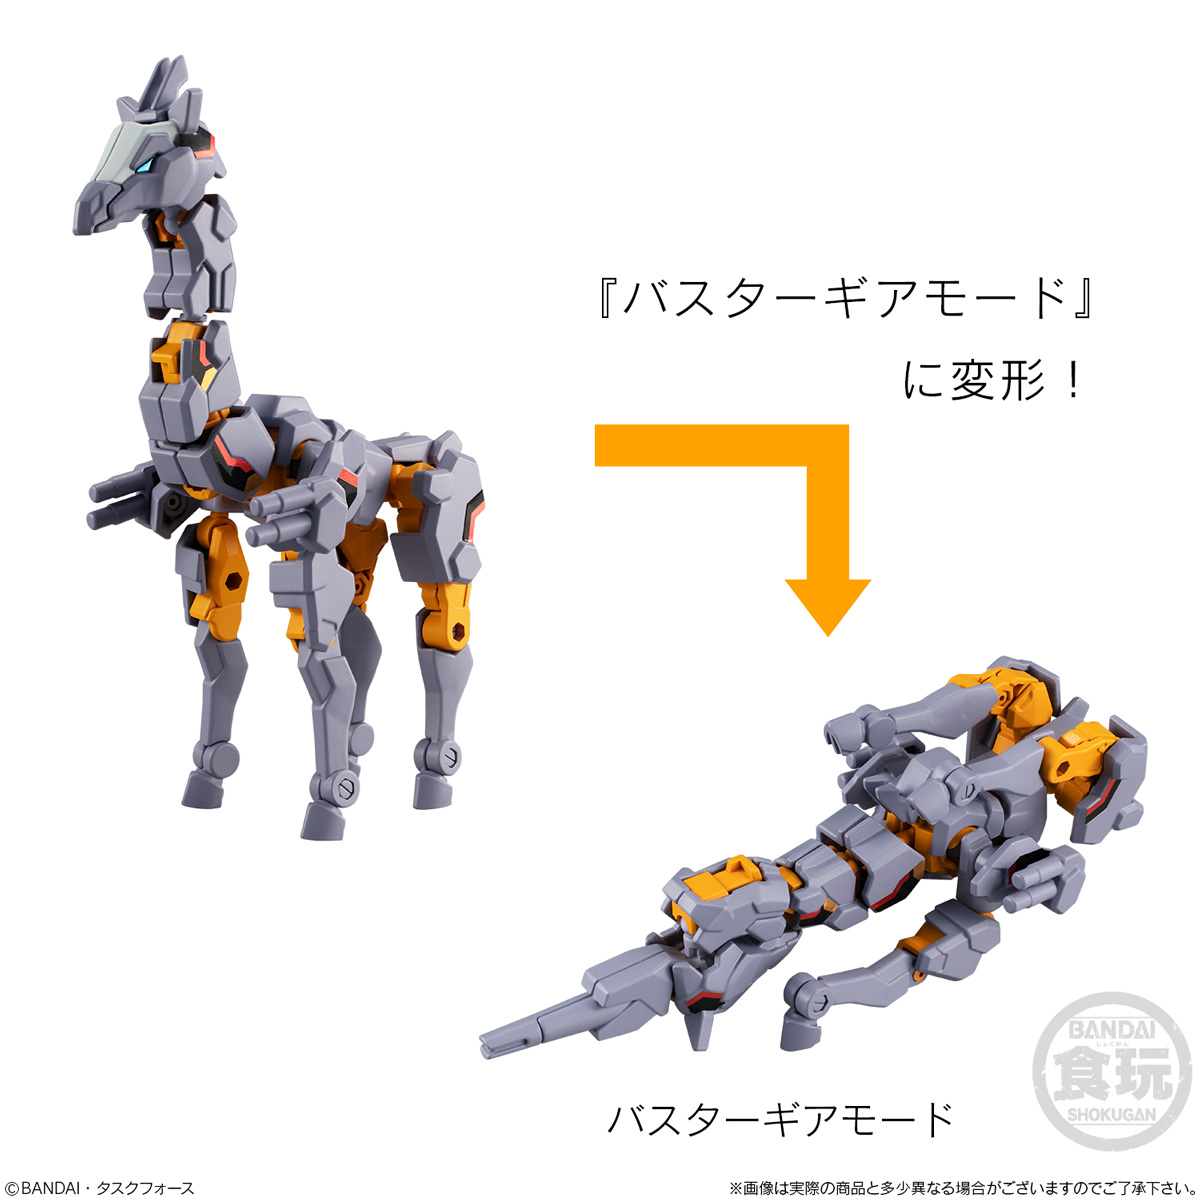 【食玩】『アニマギア7』組み立て可動フィギュア 10個入りBOX-006